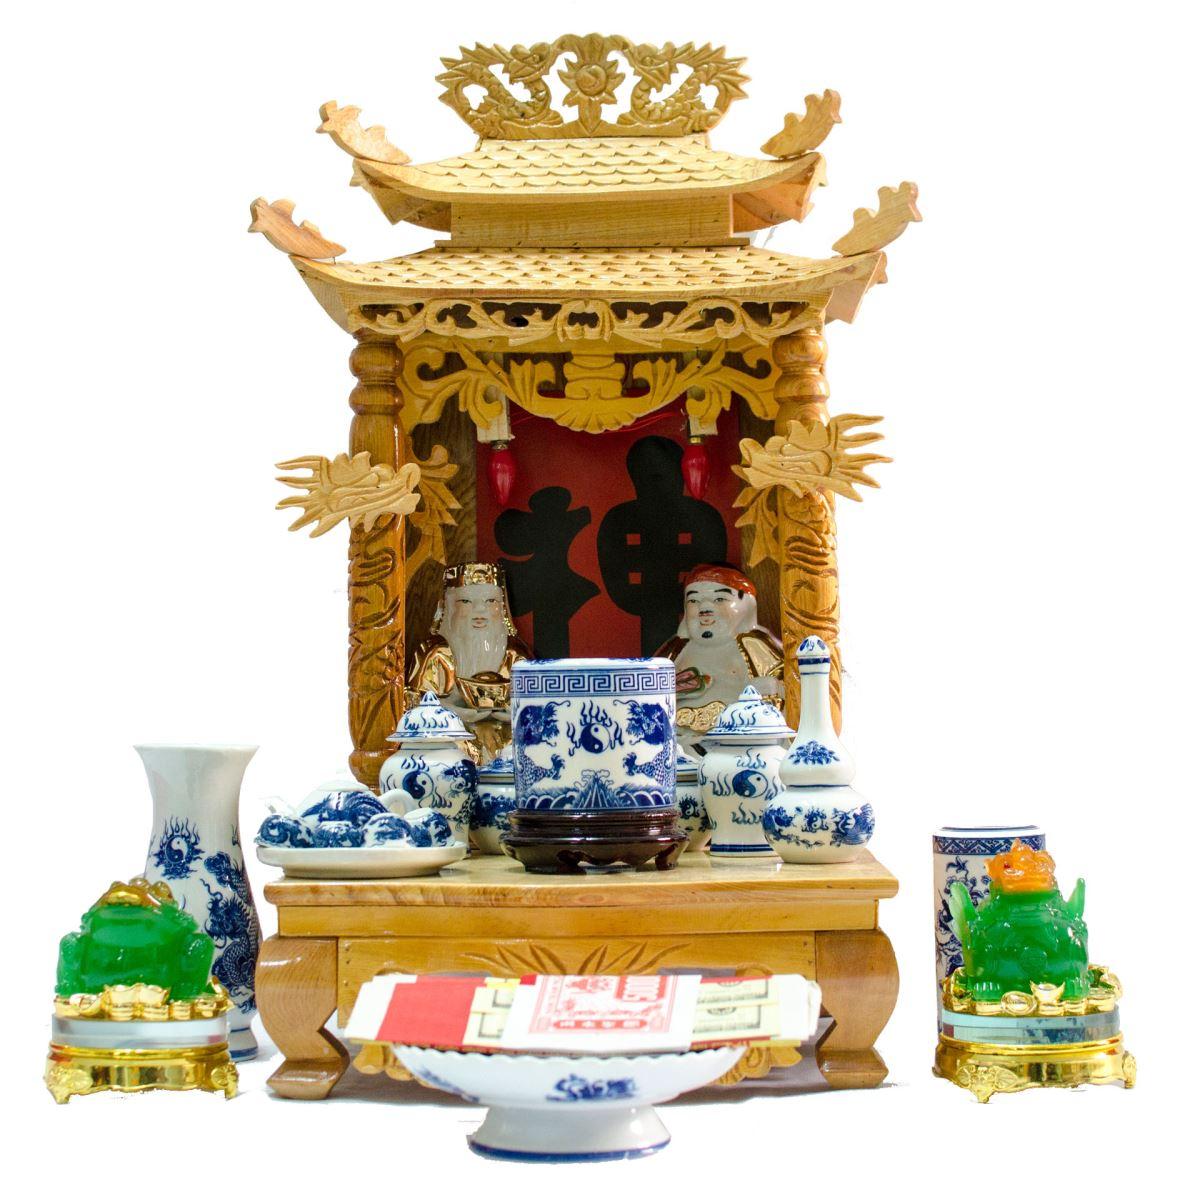 Bàn thờ thần tài, Cách sắp xếp bàn thờ thần tài, Bài trí bàn thời thần tài, đặt bàn thờ thần tài như nào, ngày thần tài mua gì, cách cúng thần tài, ngày thần tài cúng gì